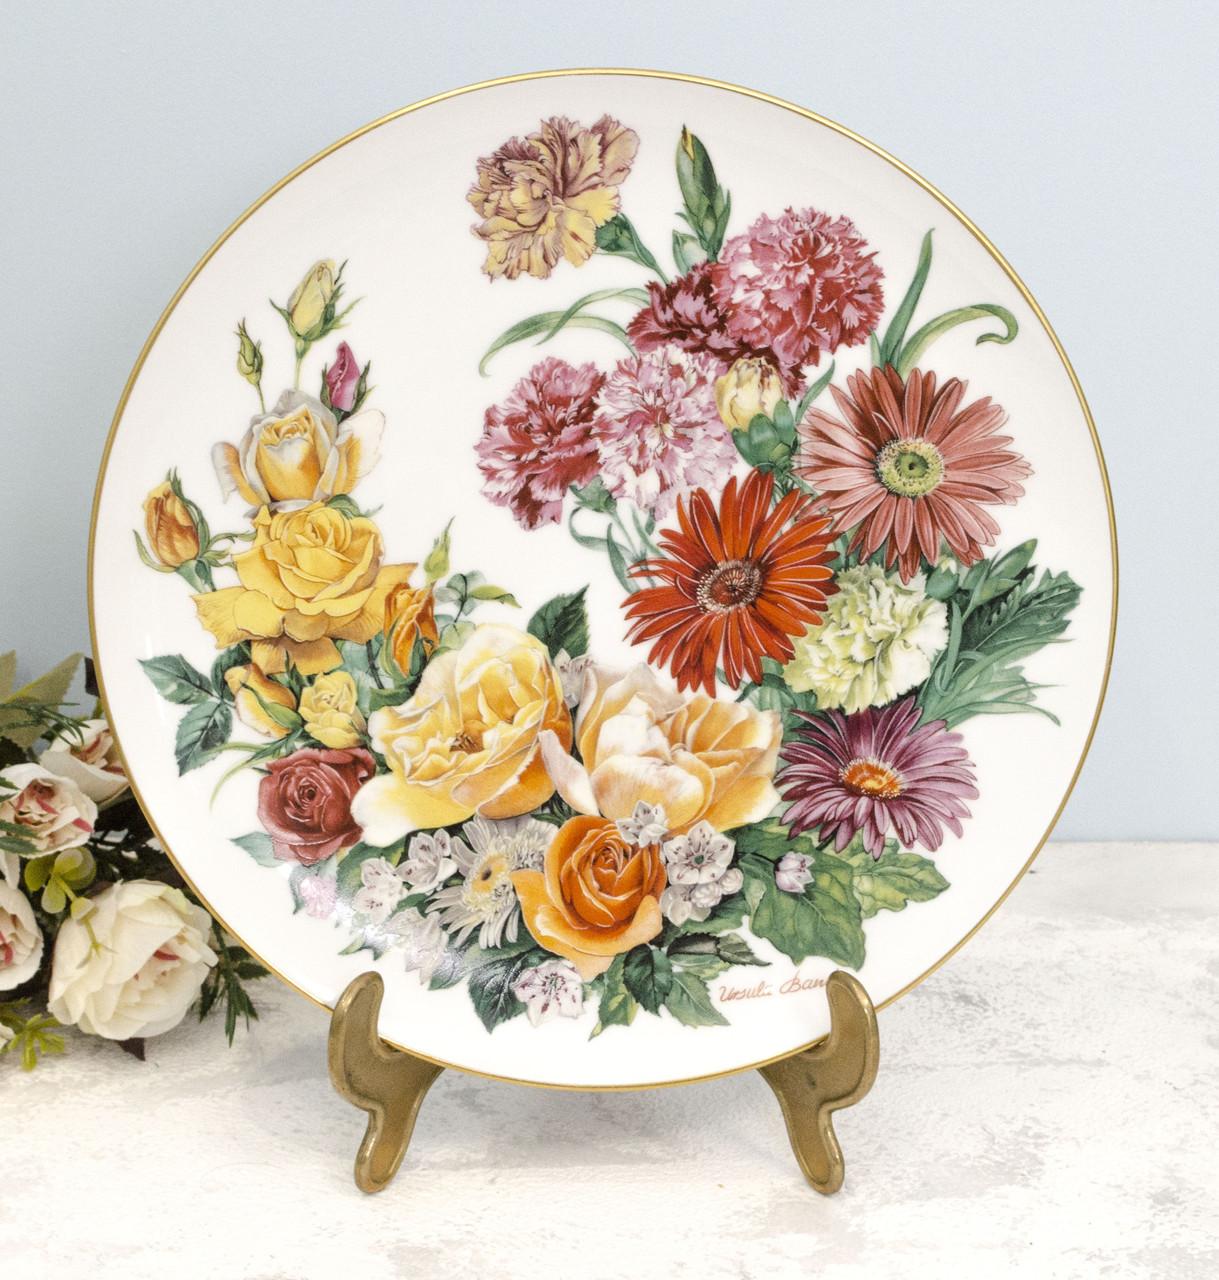 Фарфоровая настенная тарелка, цветочный орнамент, Ursula Band, Grande Finale, 1990 год